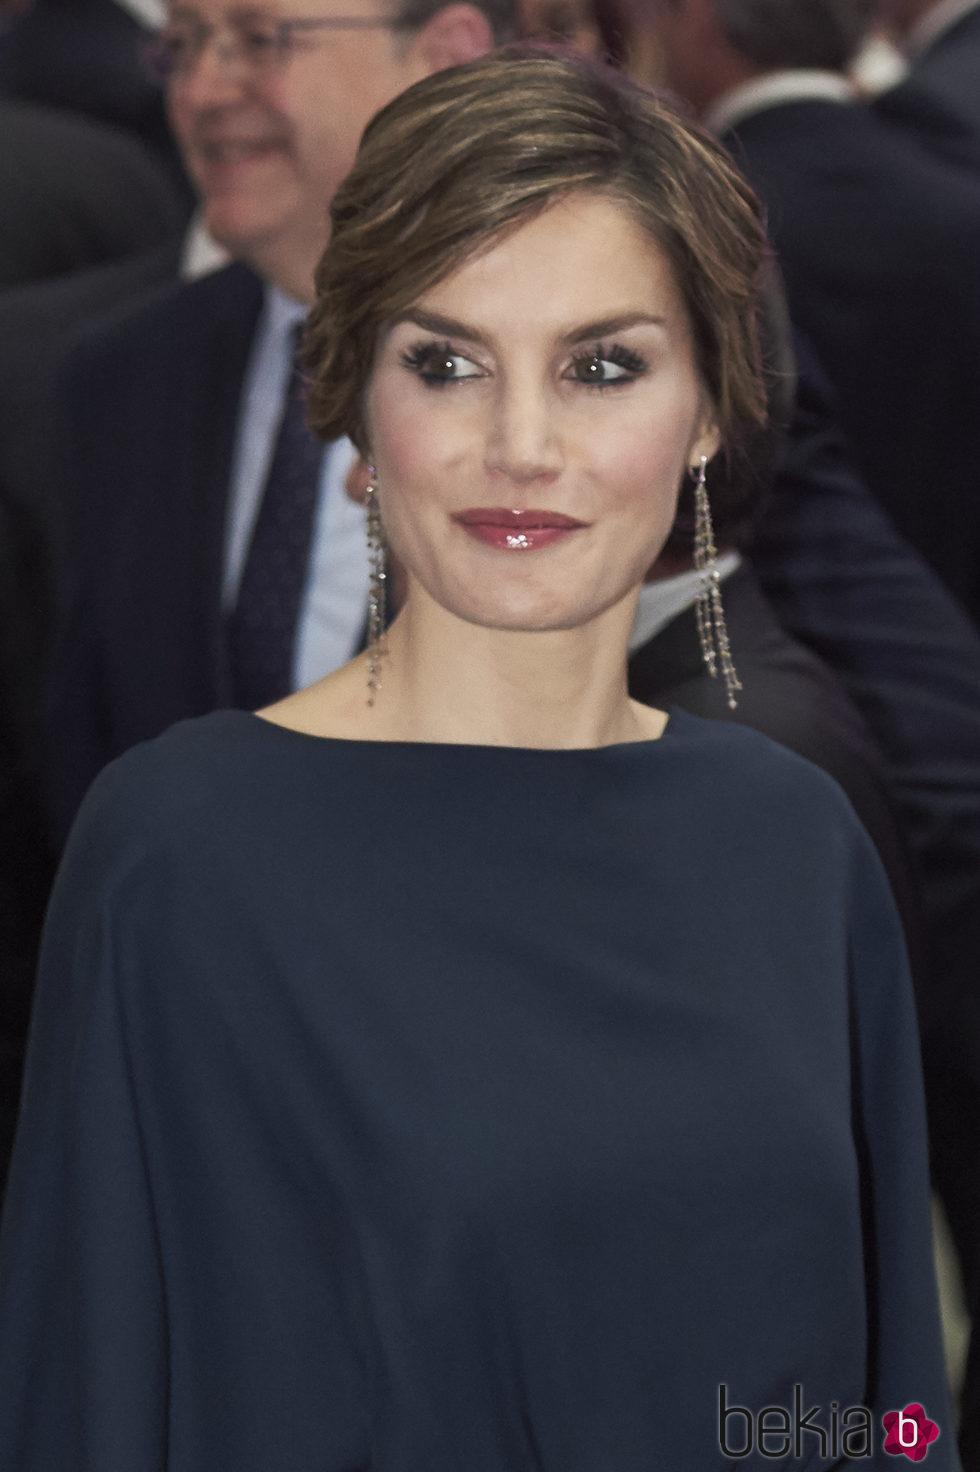 La Reina Letizia en los Premios de Ortega y Gasset 2016